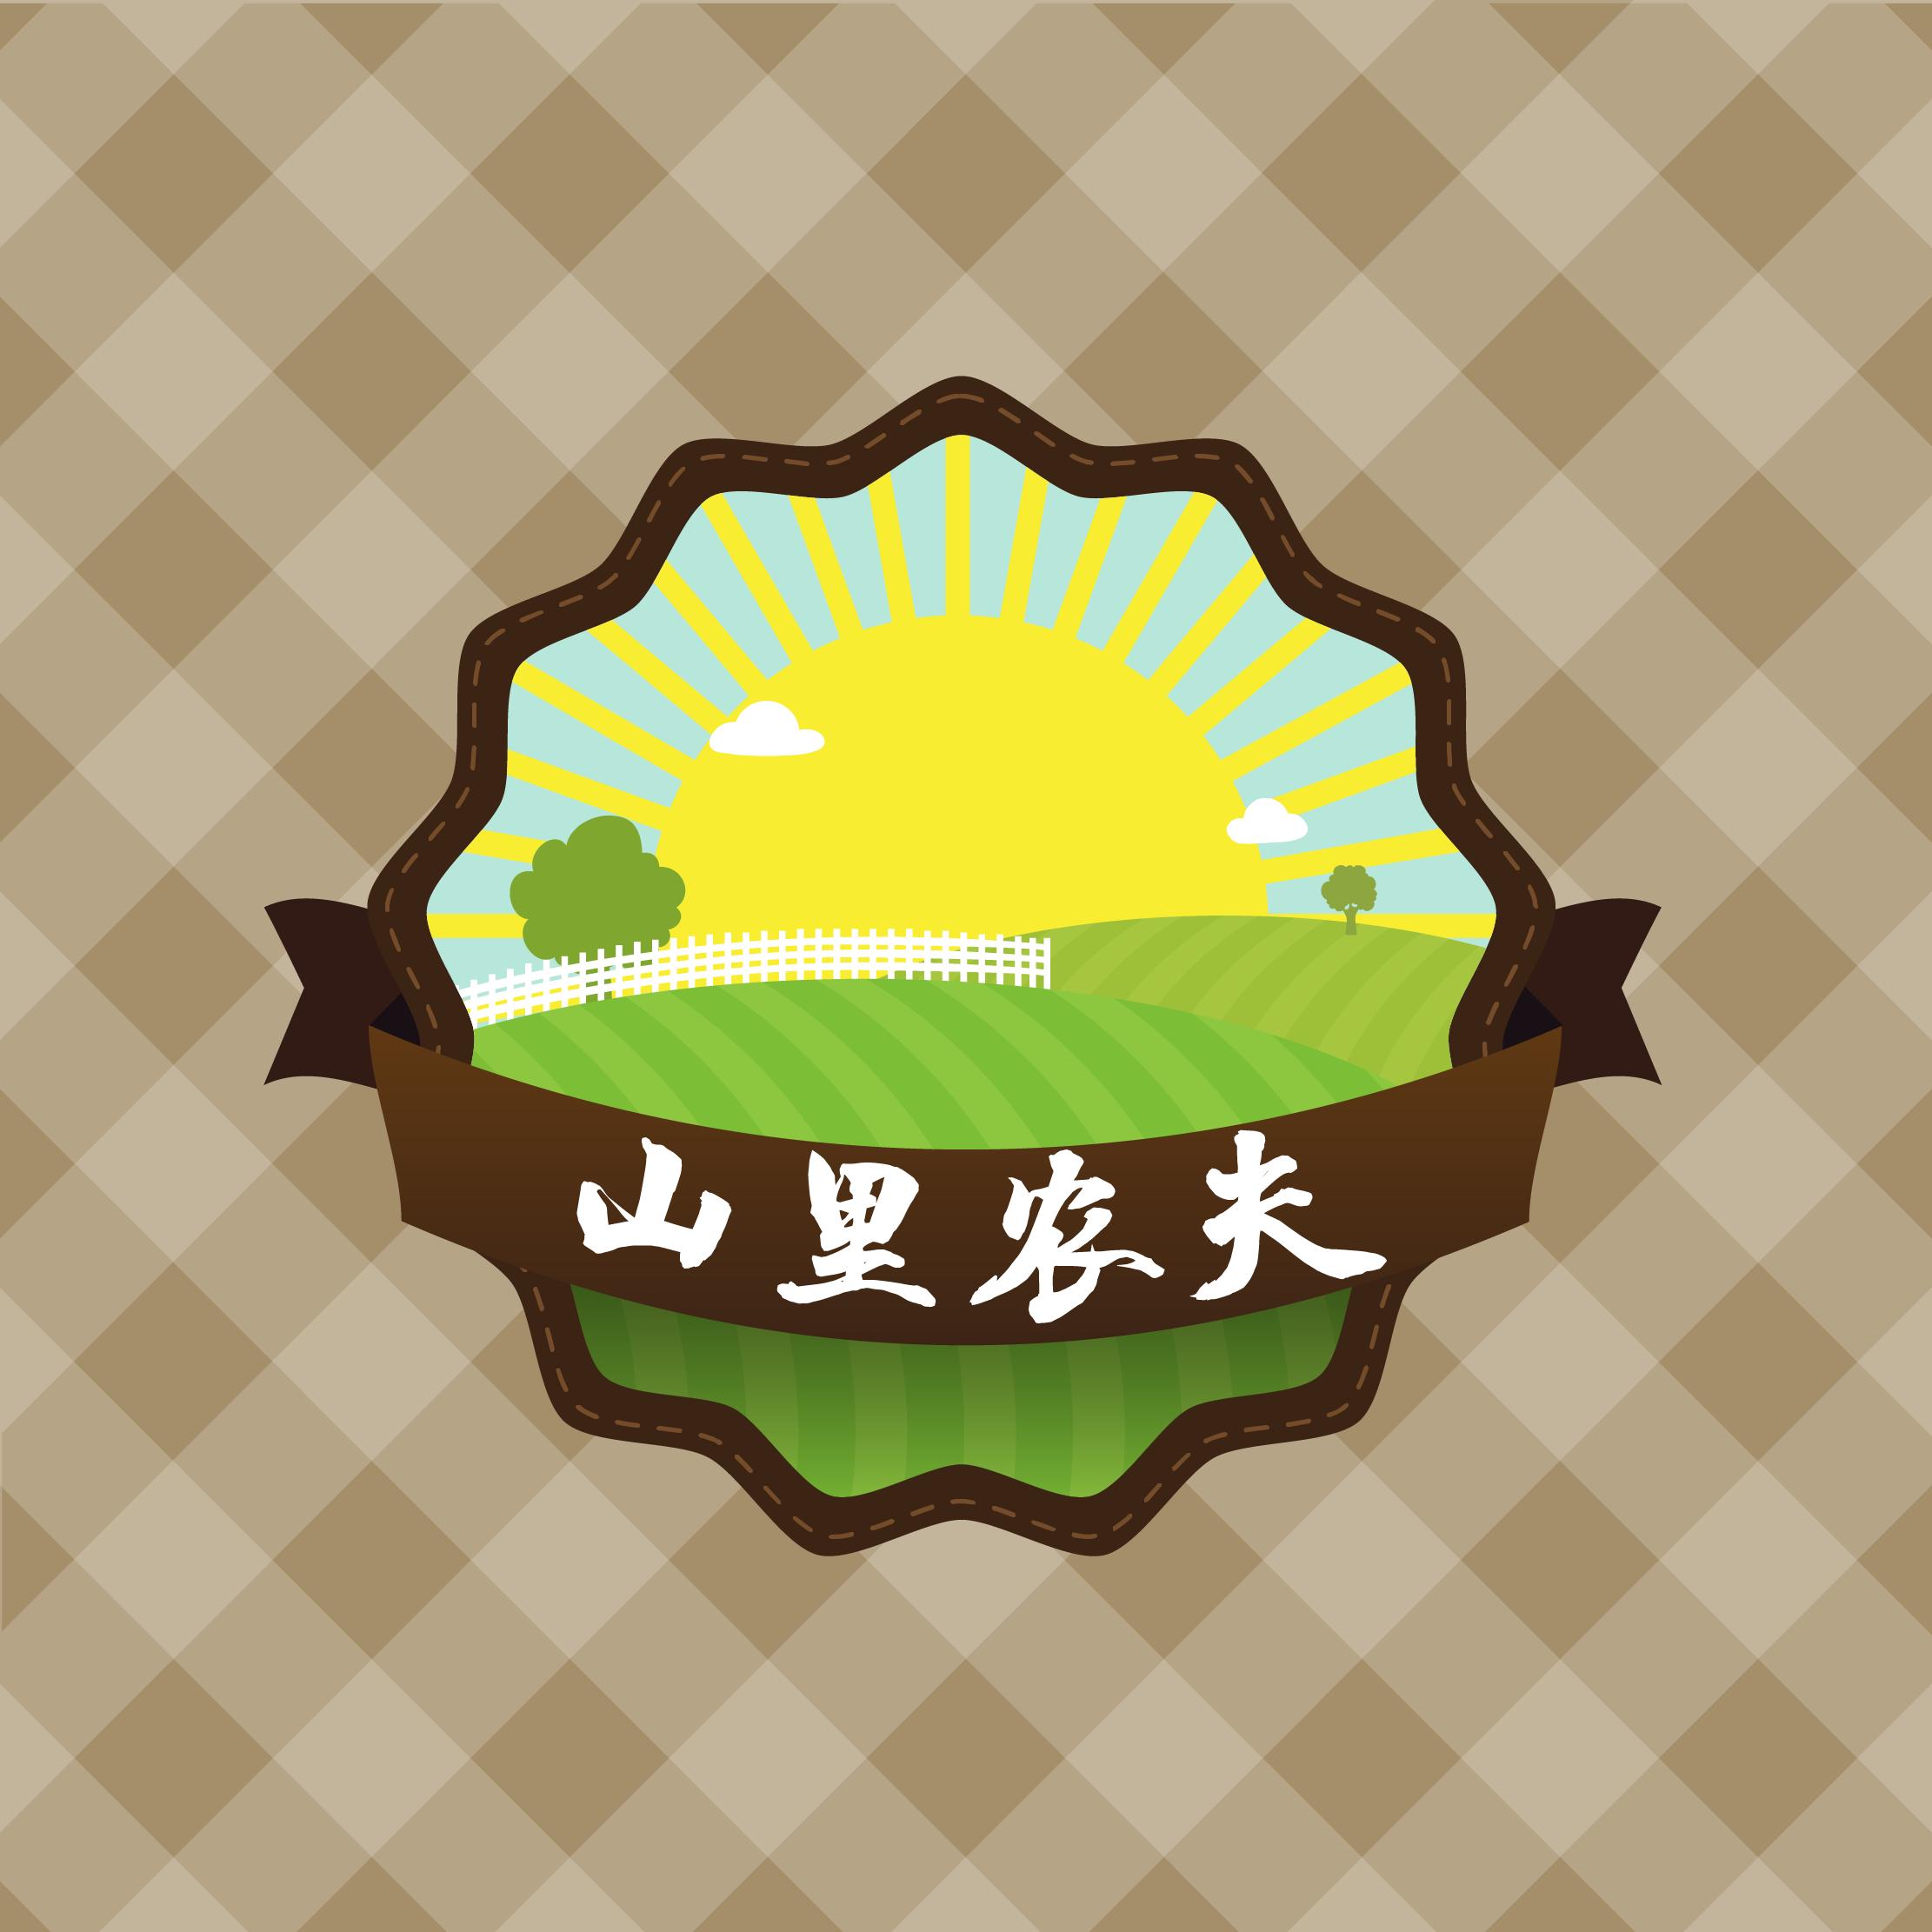 北京生态农业公司征集LOGO_2957779_k68威客网